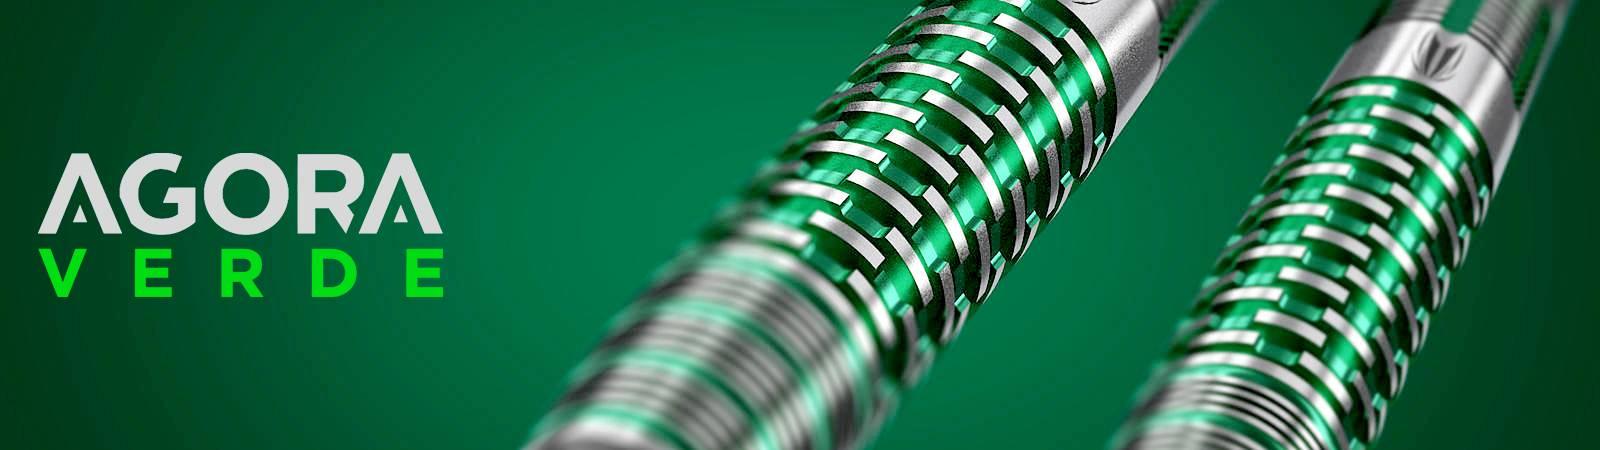 Target Agora Verde Softdarts